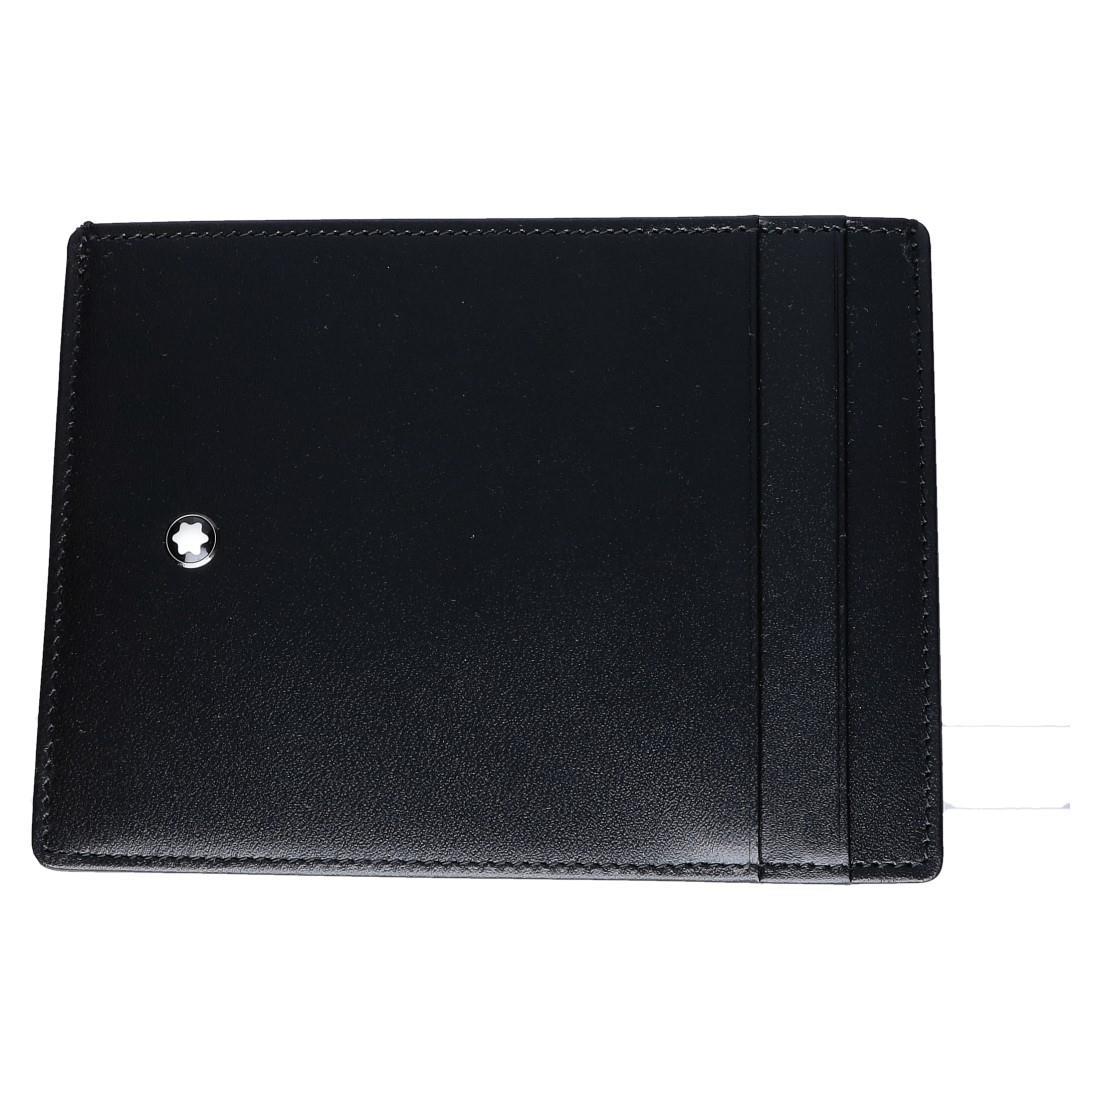 Custodia tascabile 4 scomparti con portadocumento - MONTBLANC